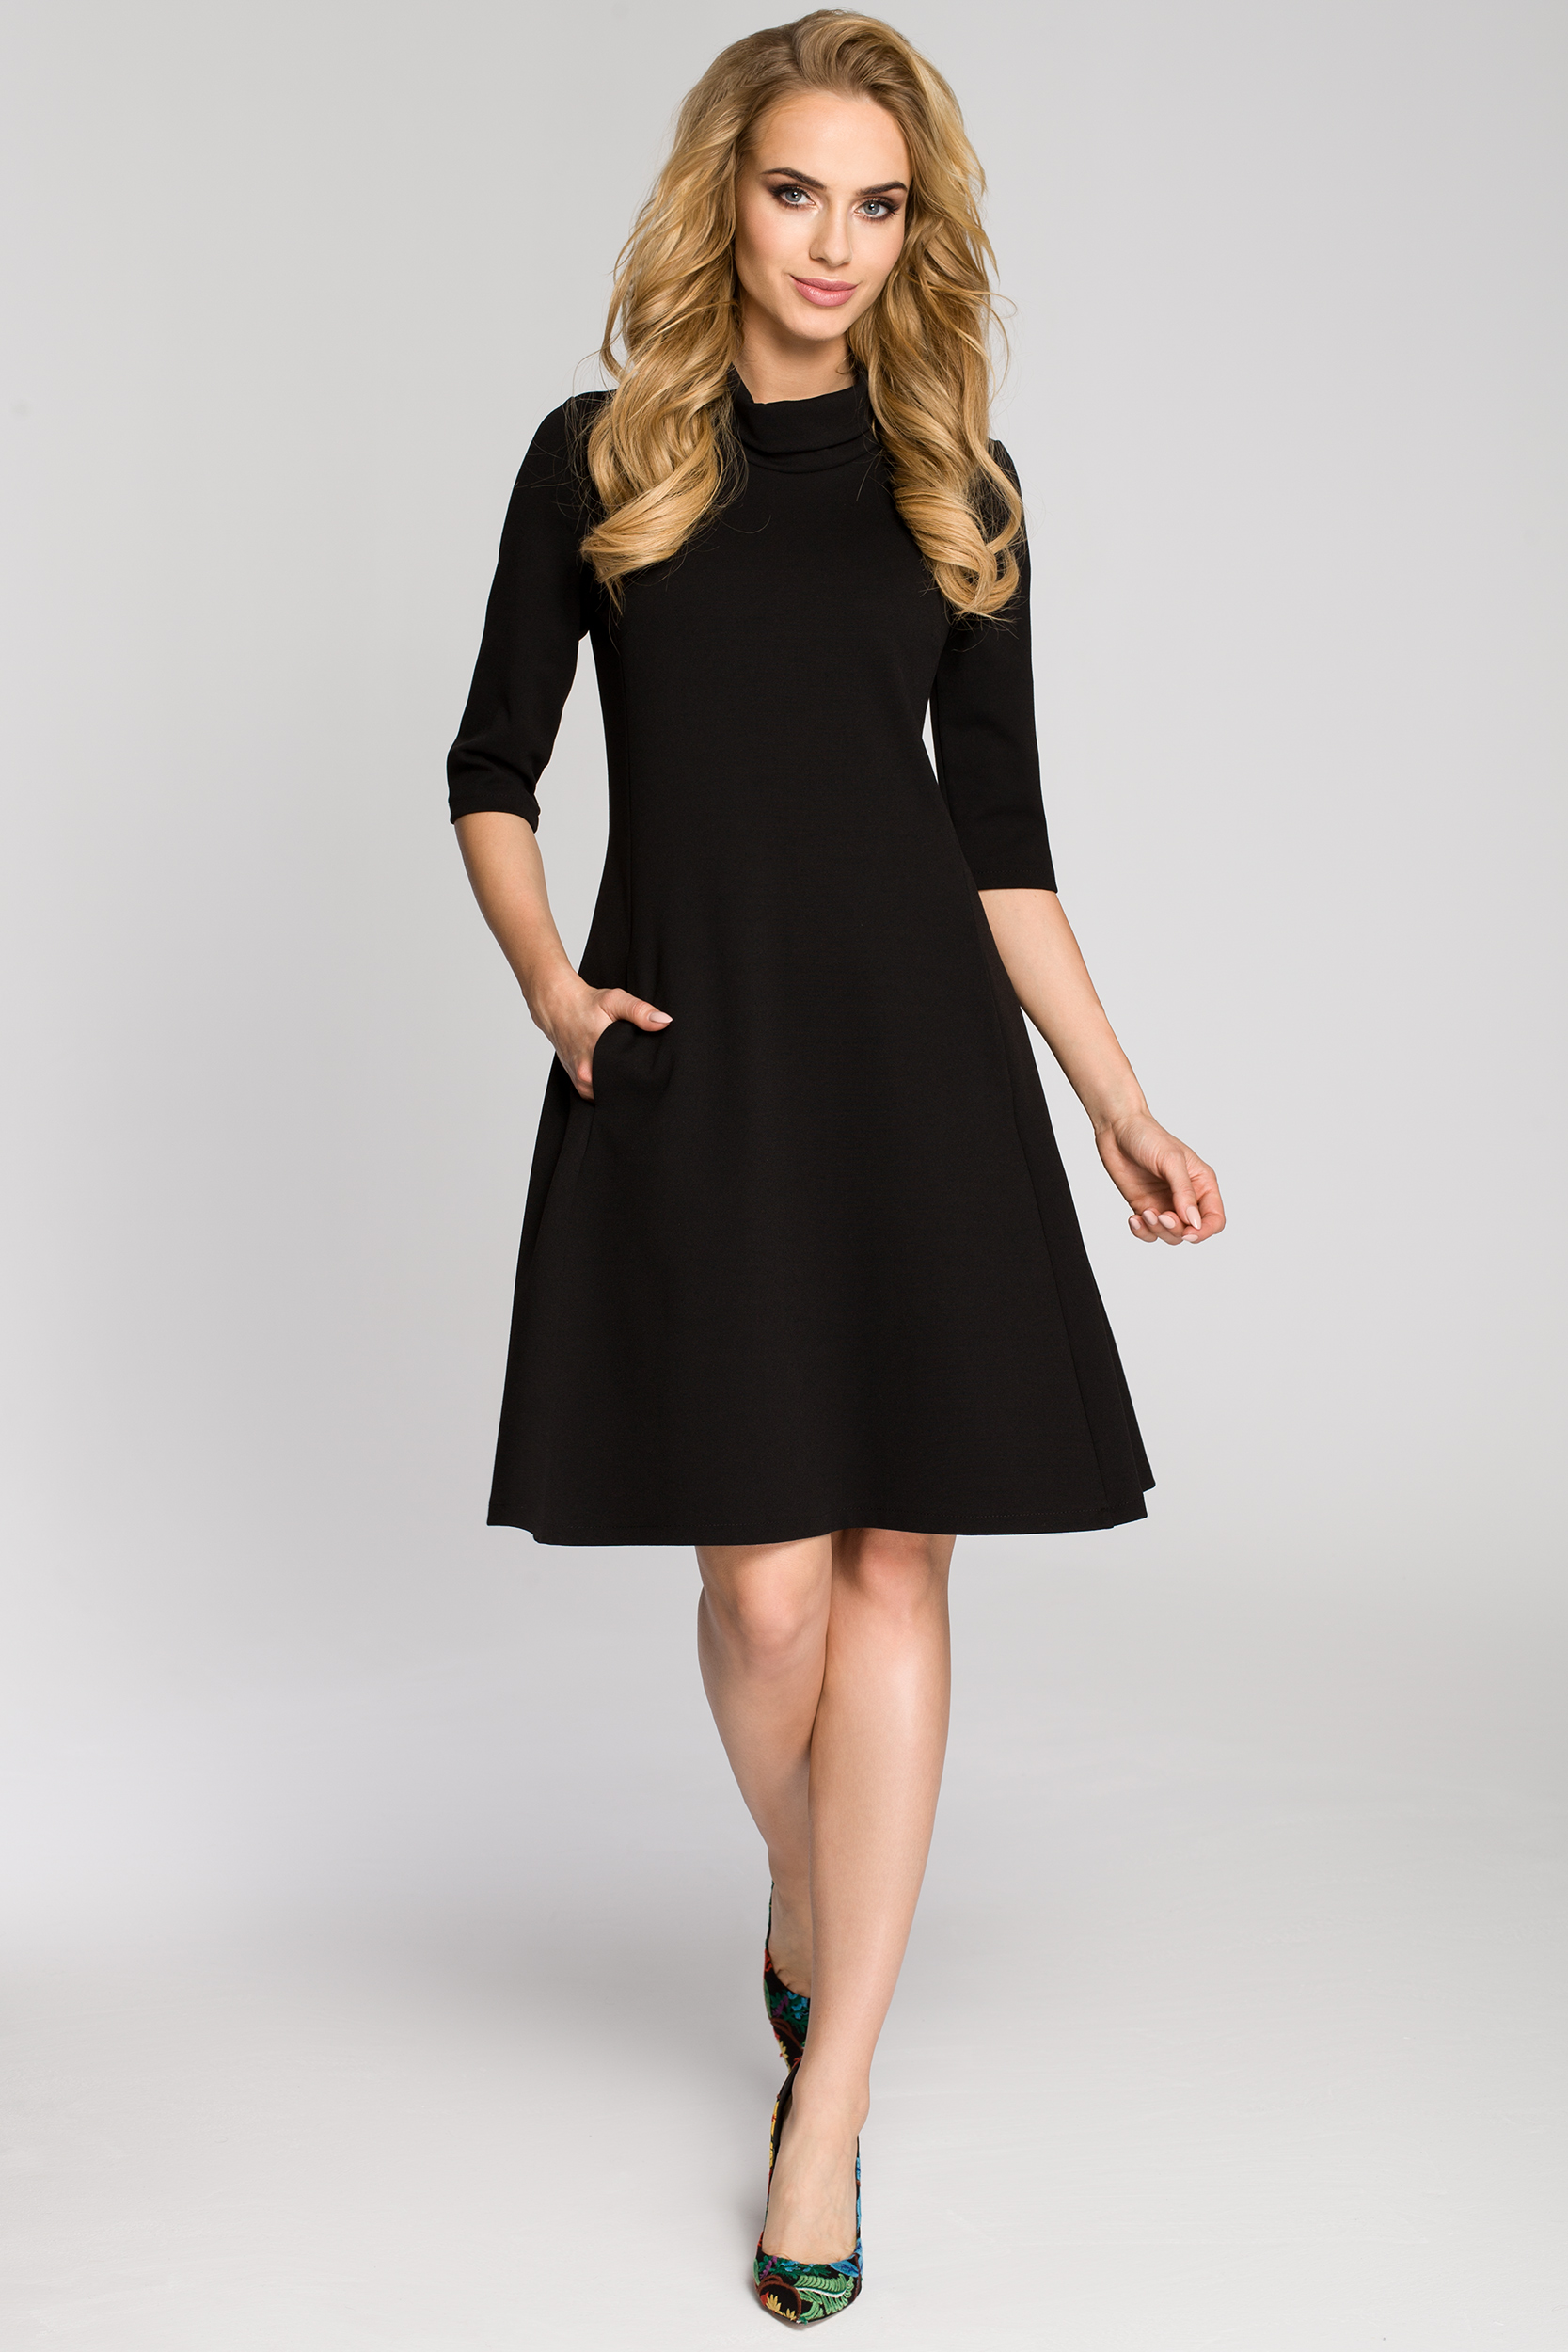 fc1fa80b05 CM2685 Zwiewna rozkloszowana sukienka midi - czarna ...